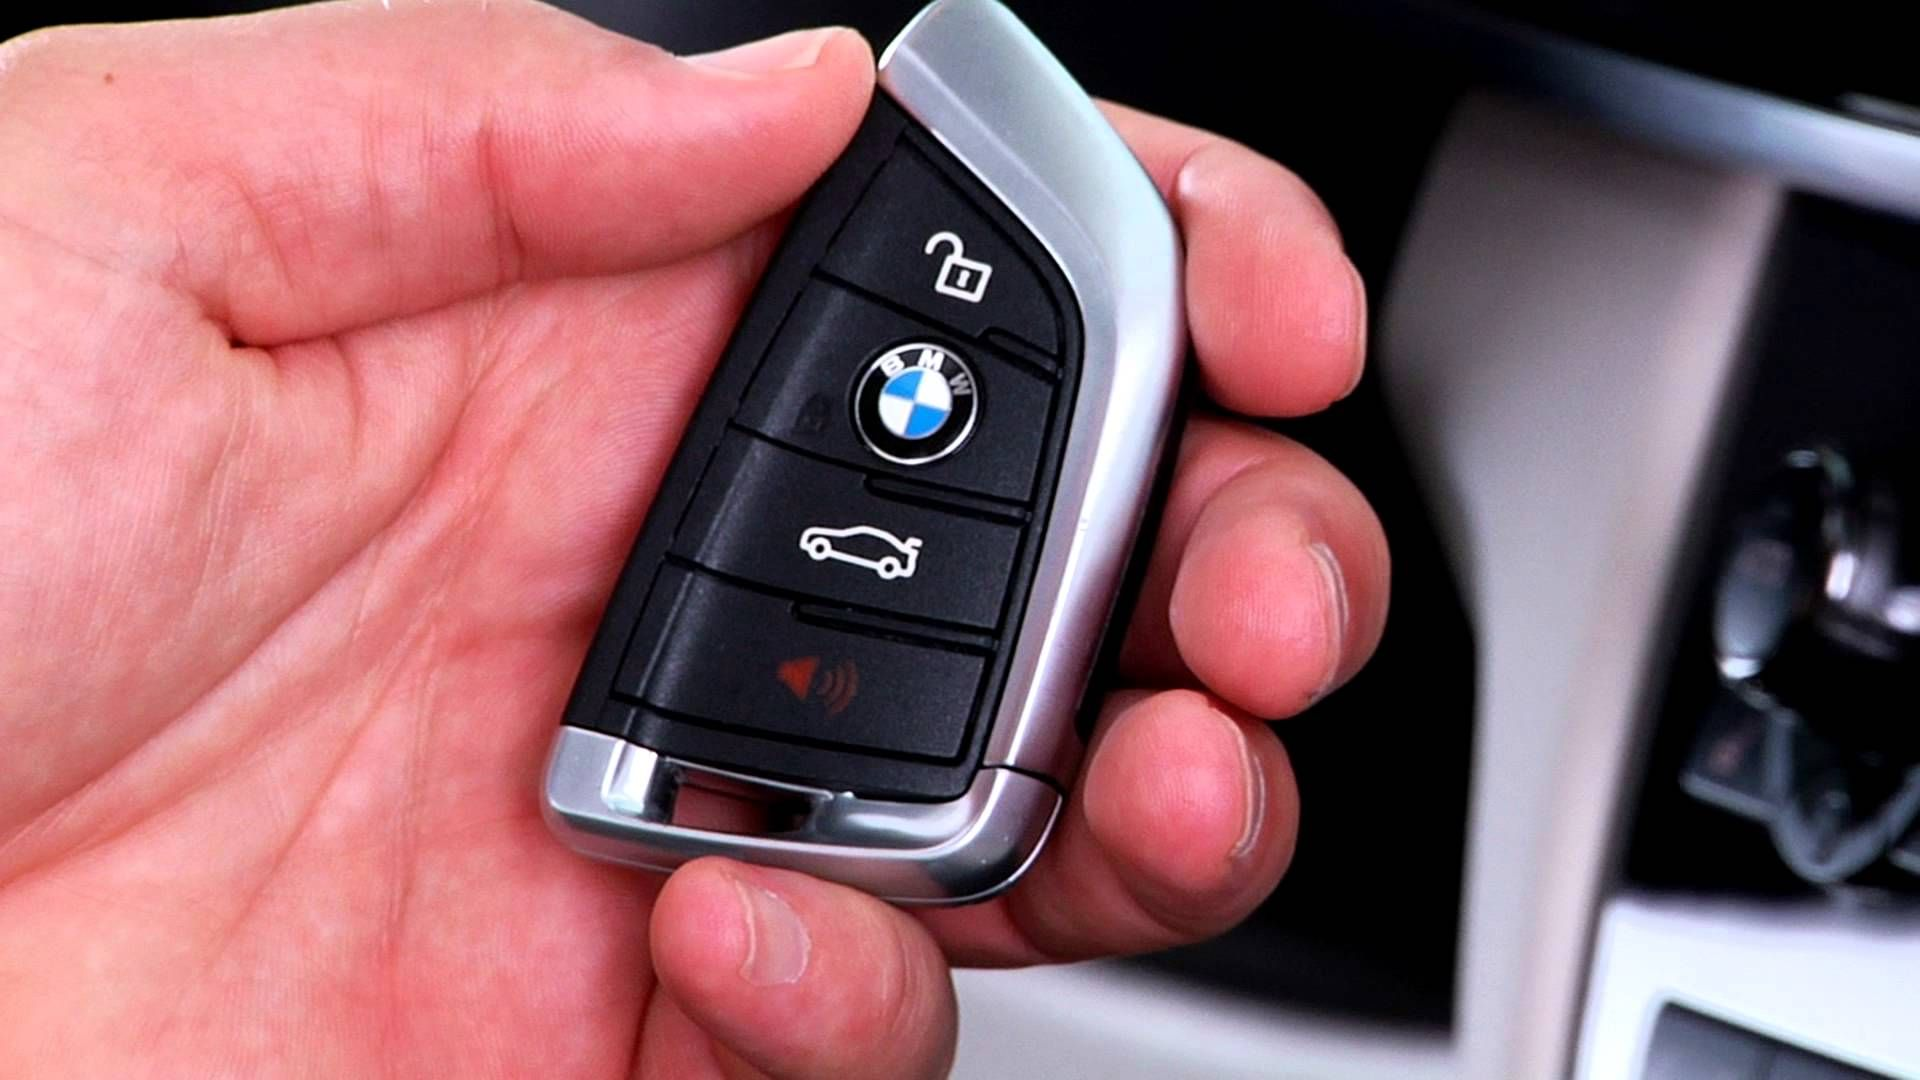 Bmw New Key Fob Bmw Key Key Fob Replacement Bmw